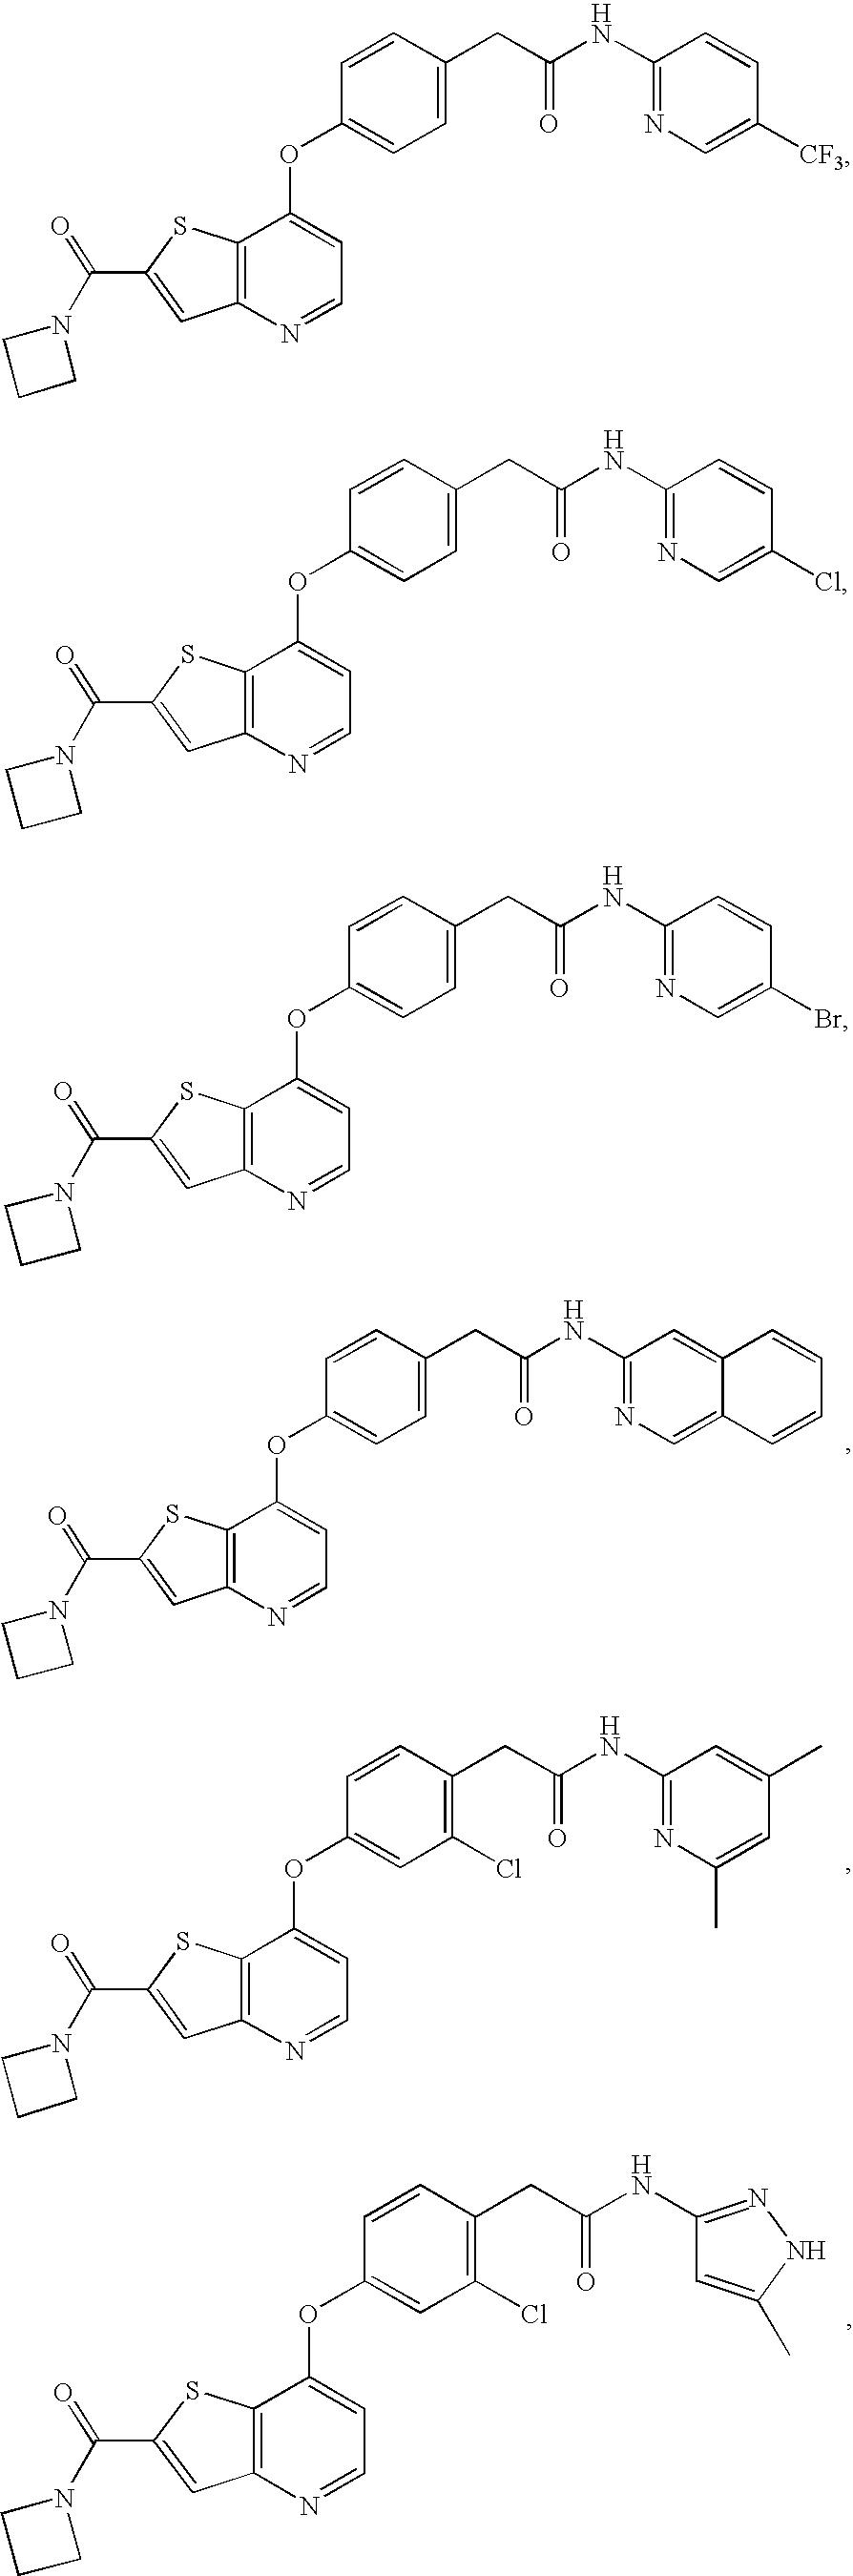 Figure US07208500-20070424-C00006